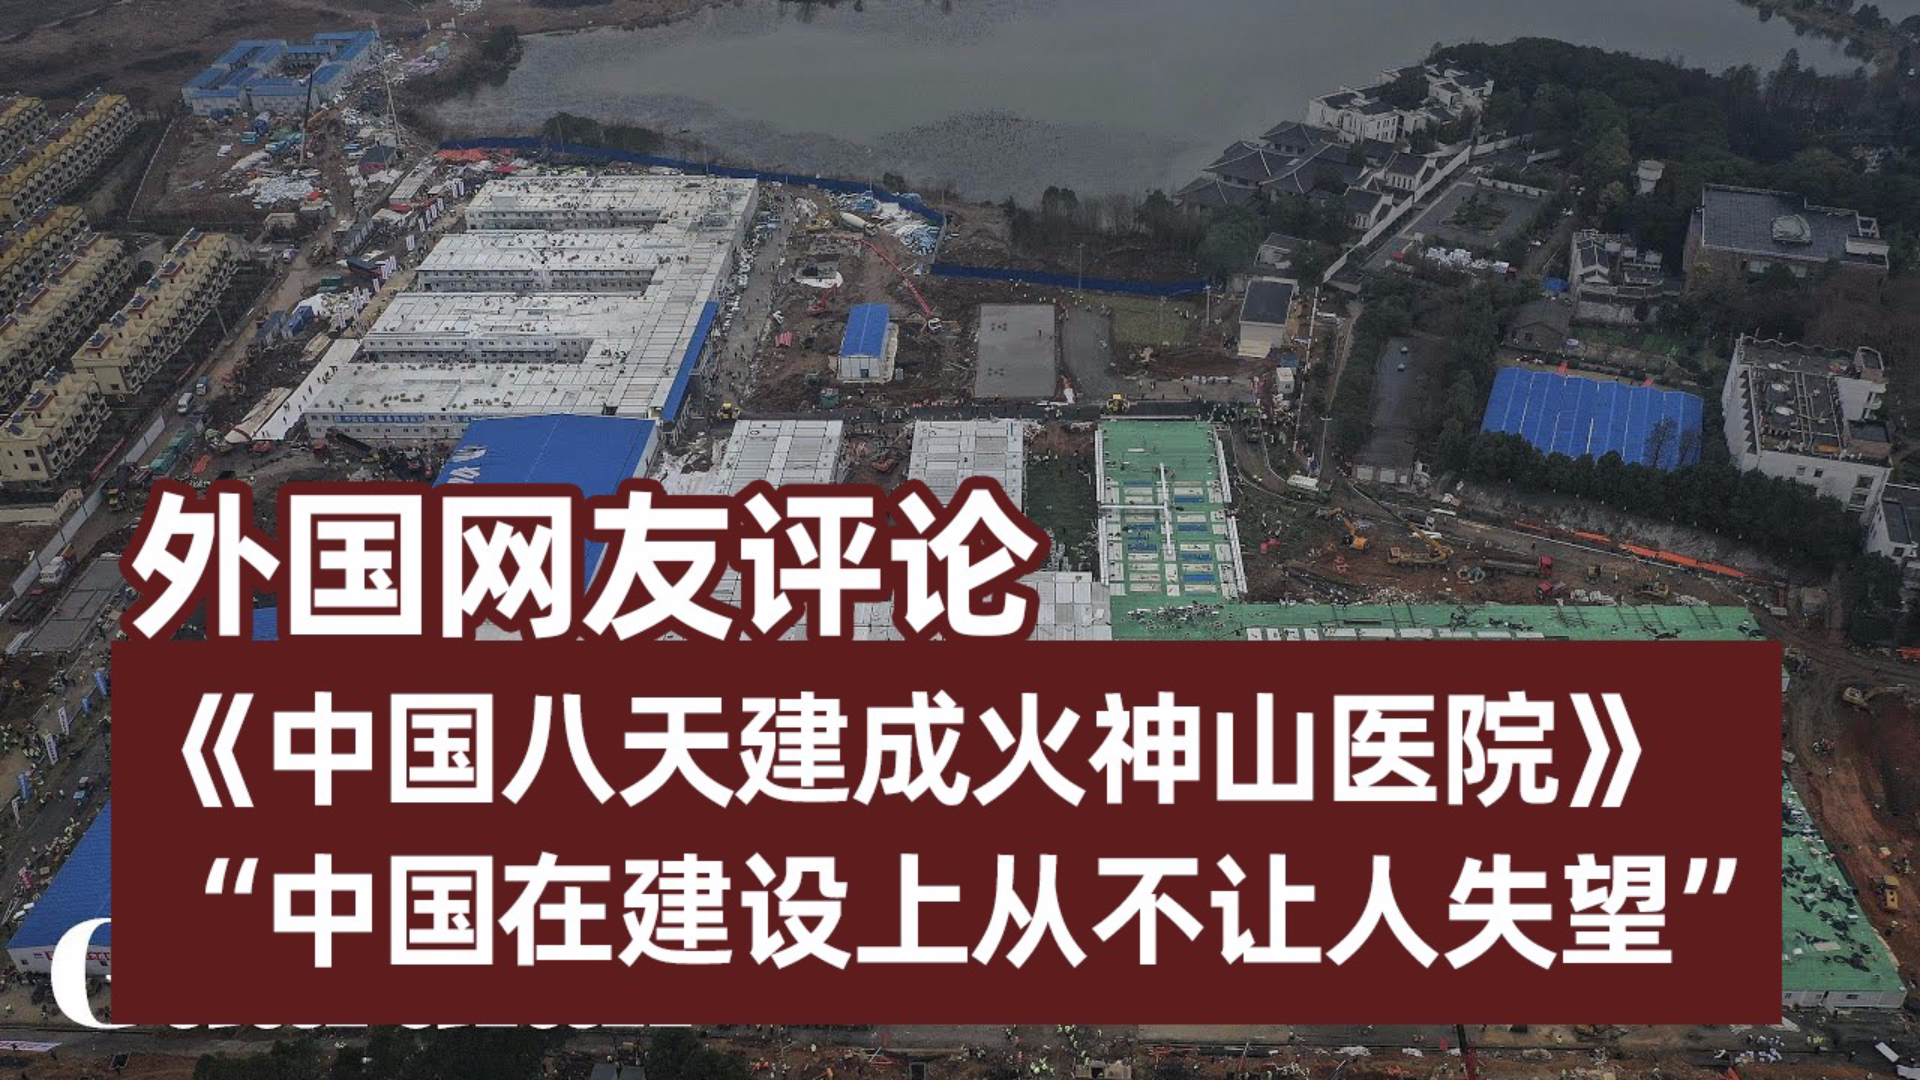 老外评论《中国八天建成火神山医院》:中国在建设上从不让人失望